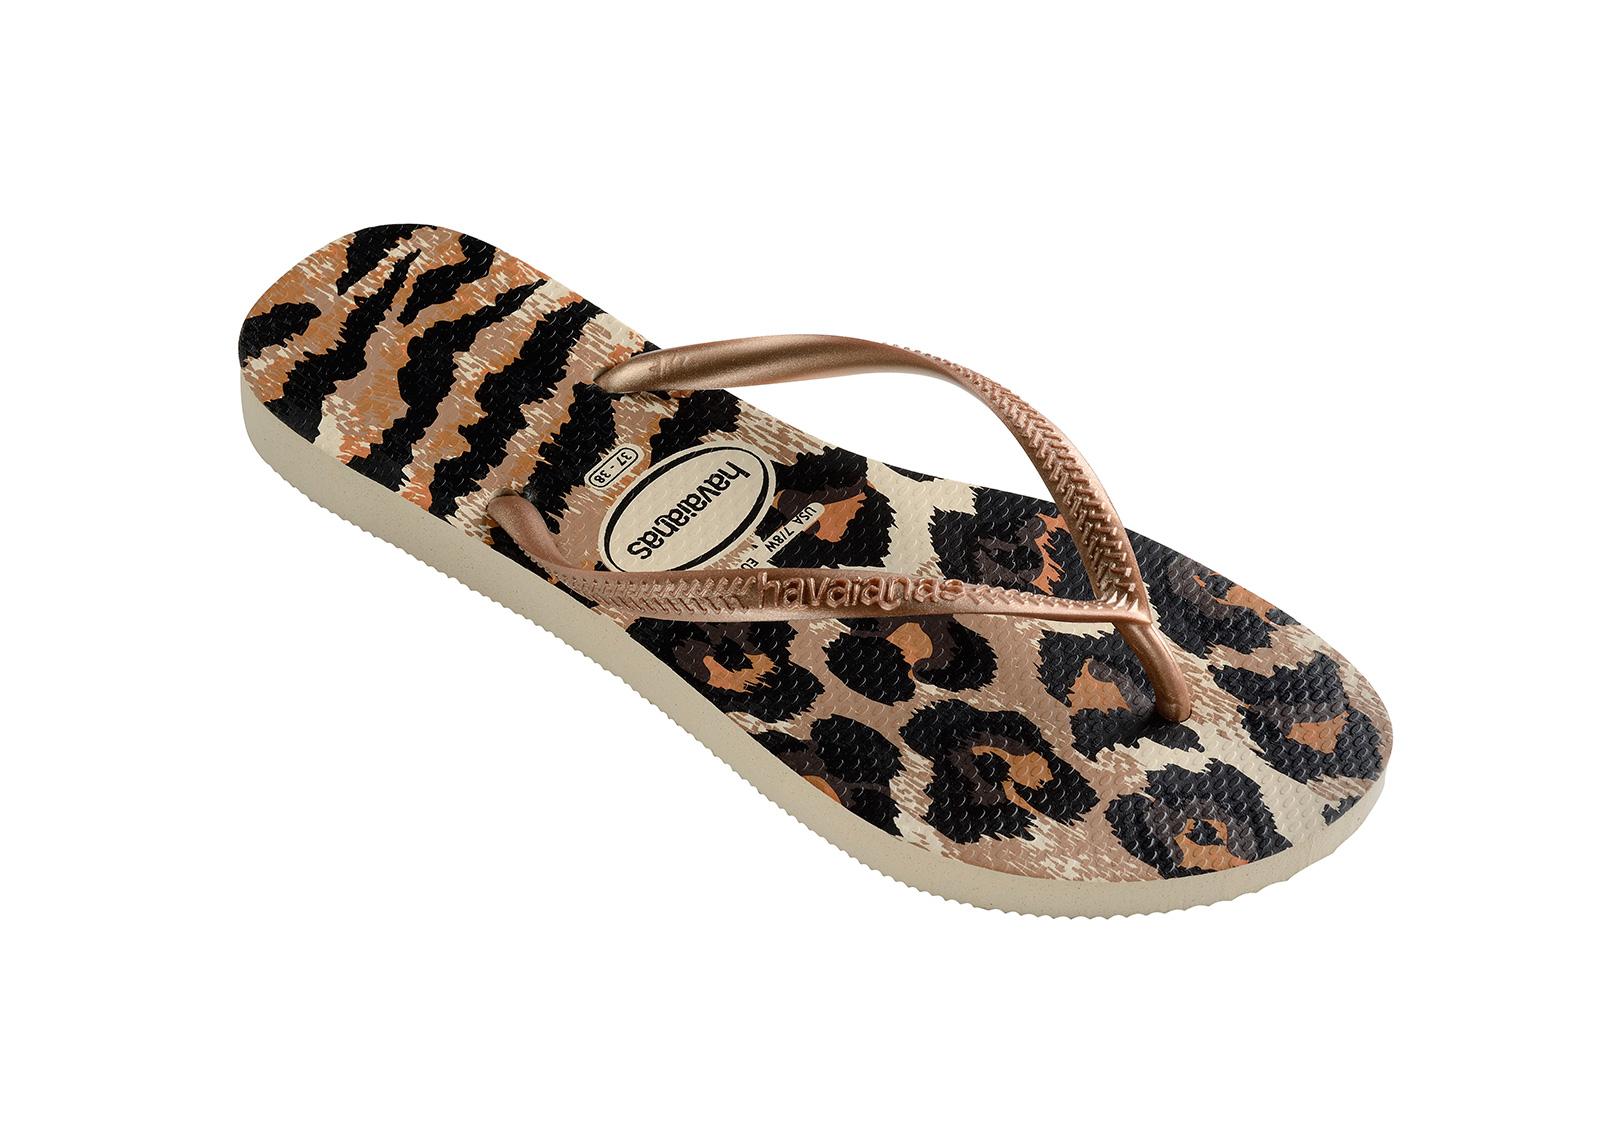 98d677071 Flip-Flops Flip-flops - Havaianas Slim Animals Beige rose Gold